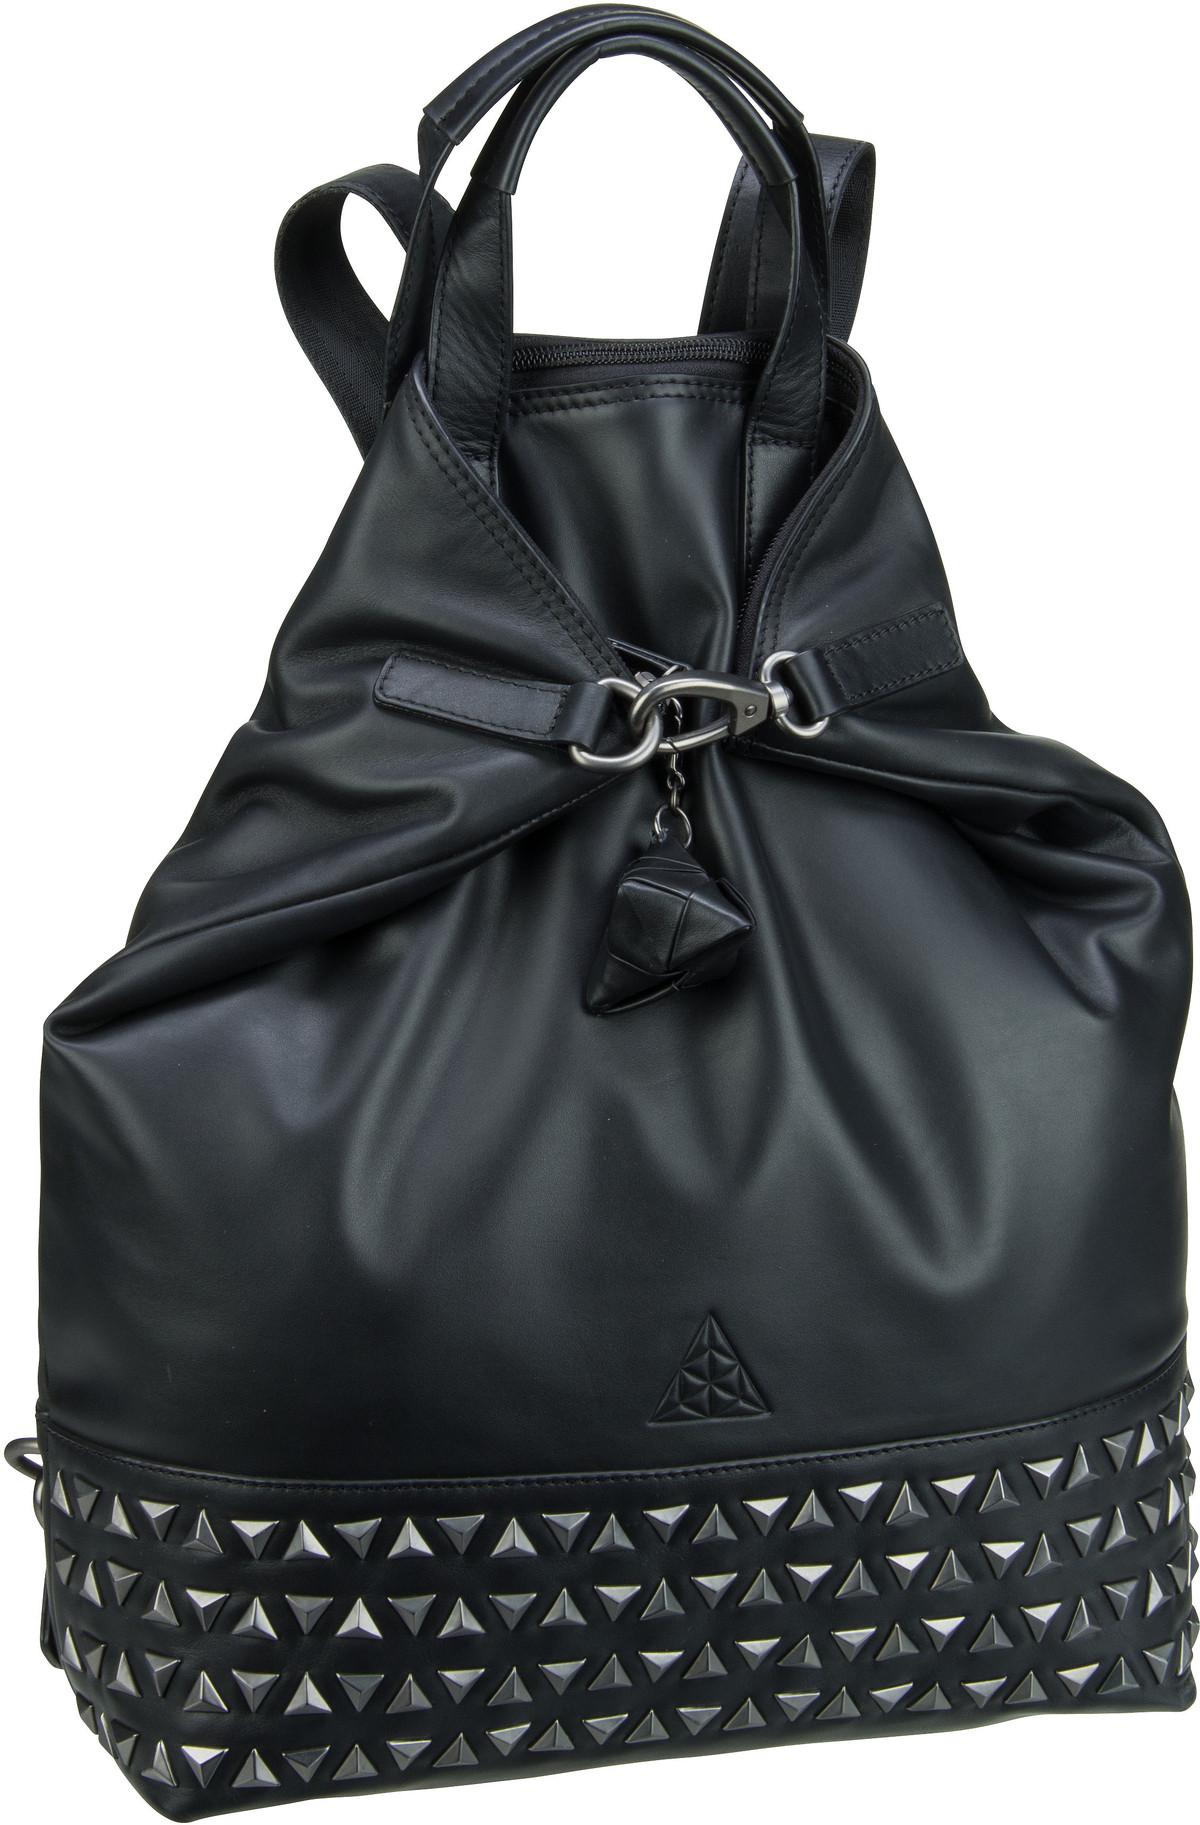 Rucksack / Daypack Alice Sara Ott 6015 X-Change 3in1 Bag S Schwarz